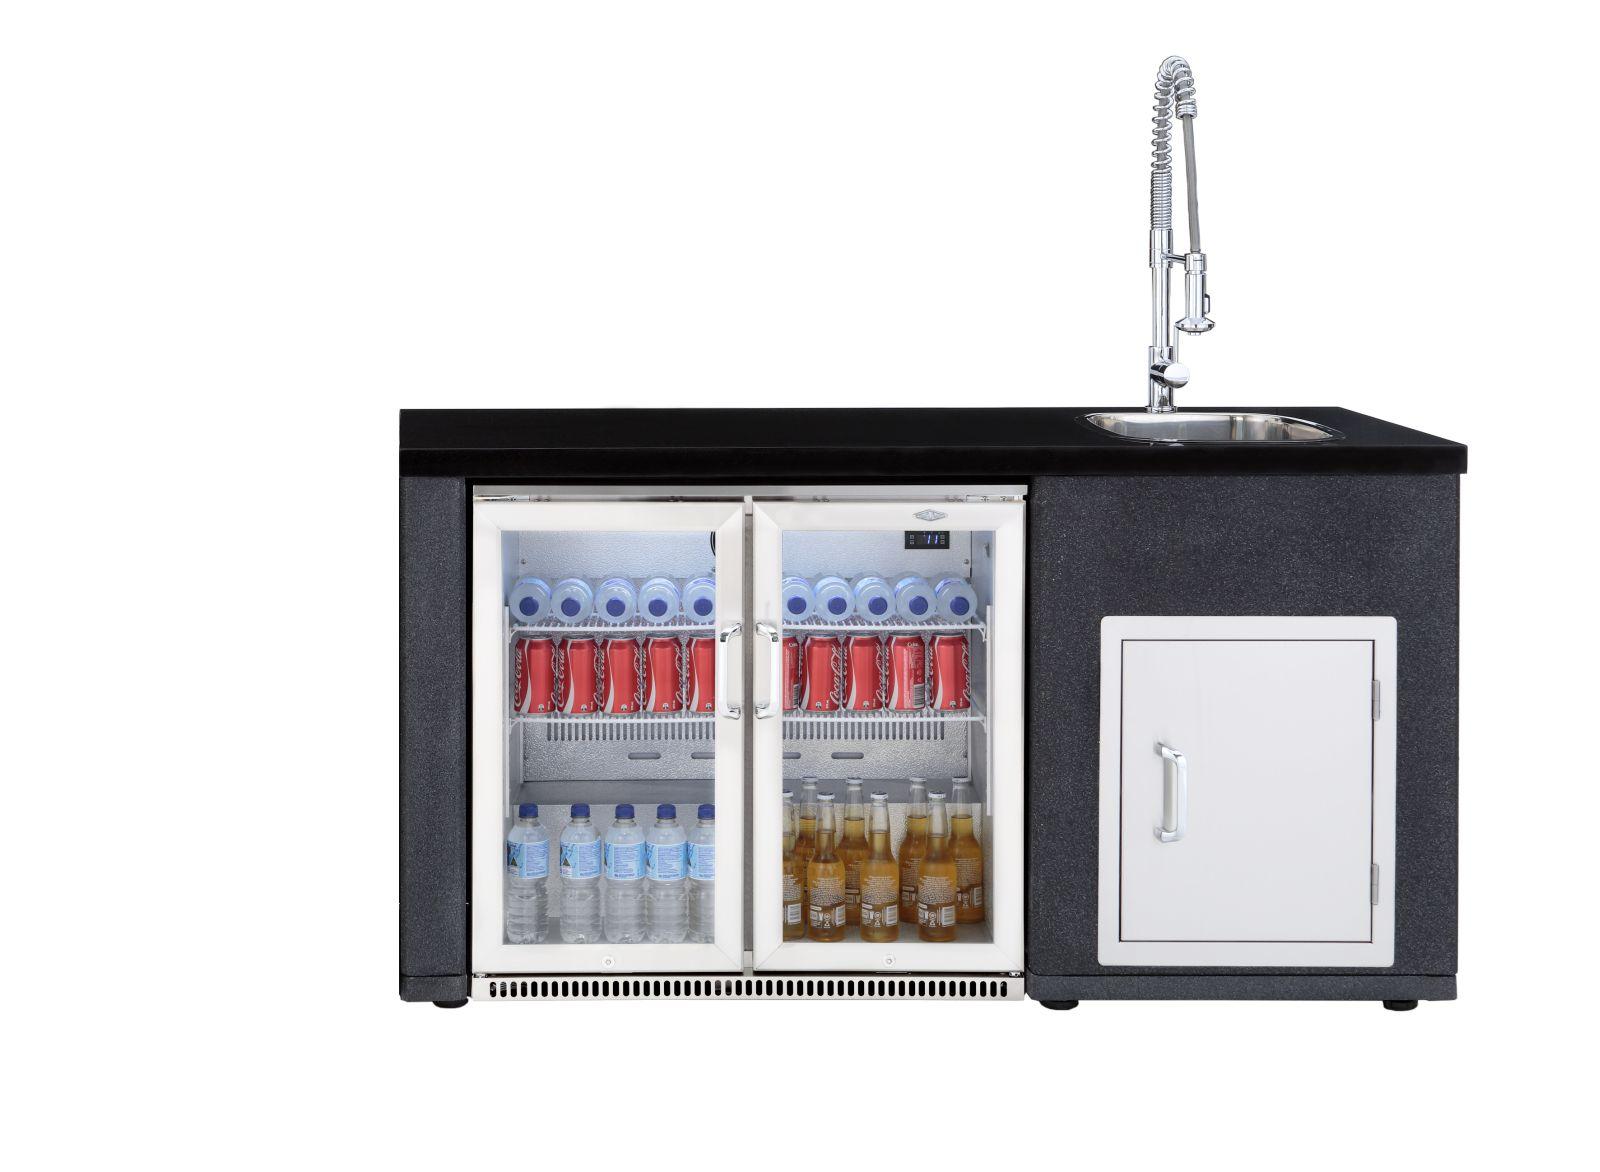 Outdoorküche Mit Kühlschrank Mit Gefrierfach : Kühlschrank outdoor küche eier organizer küche ei